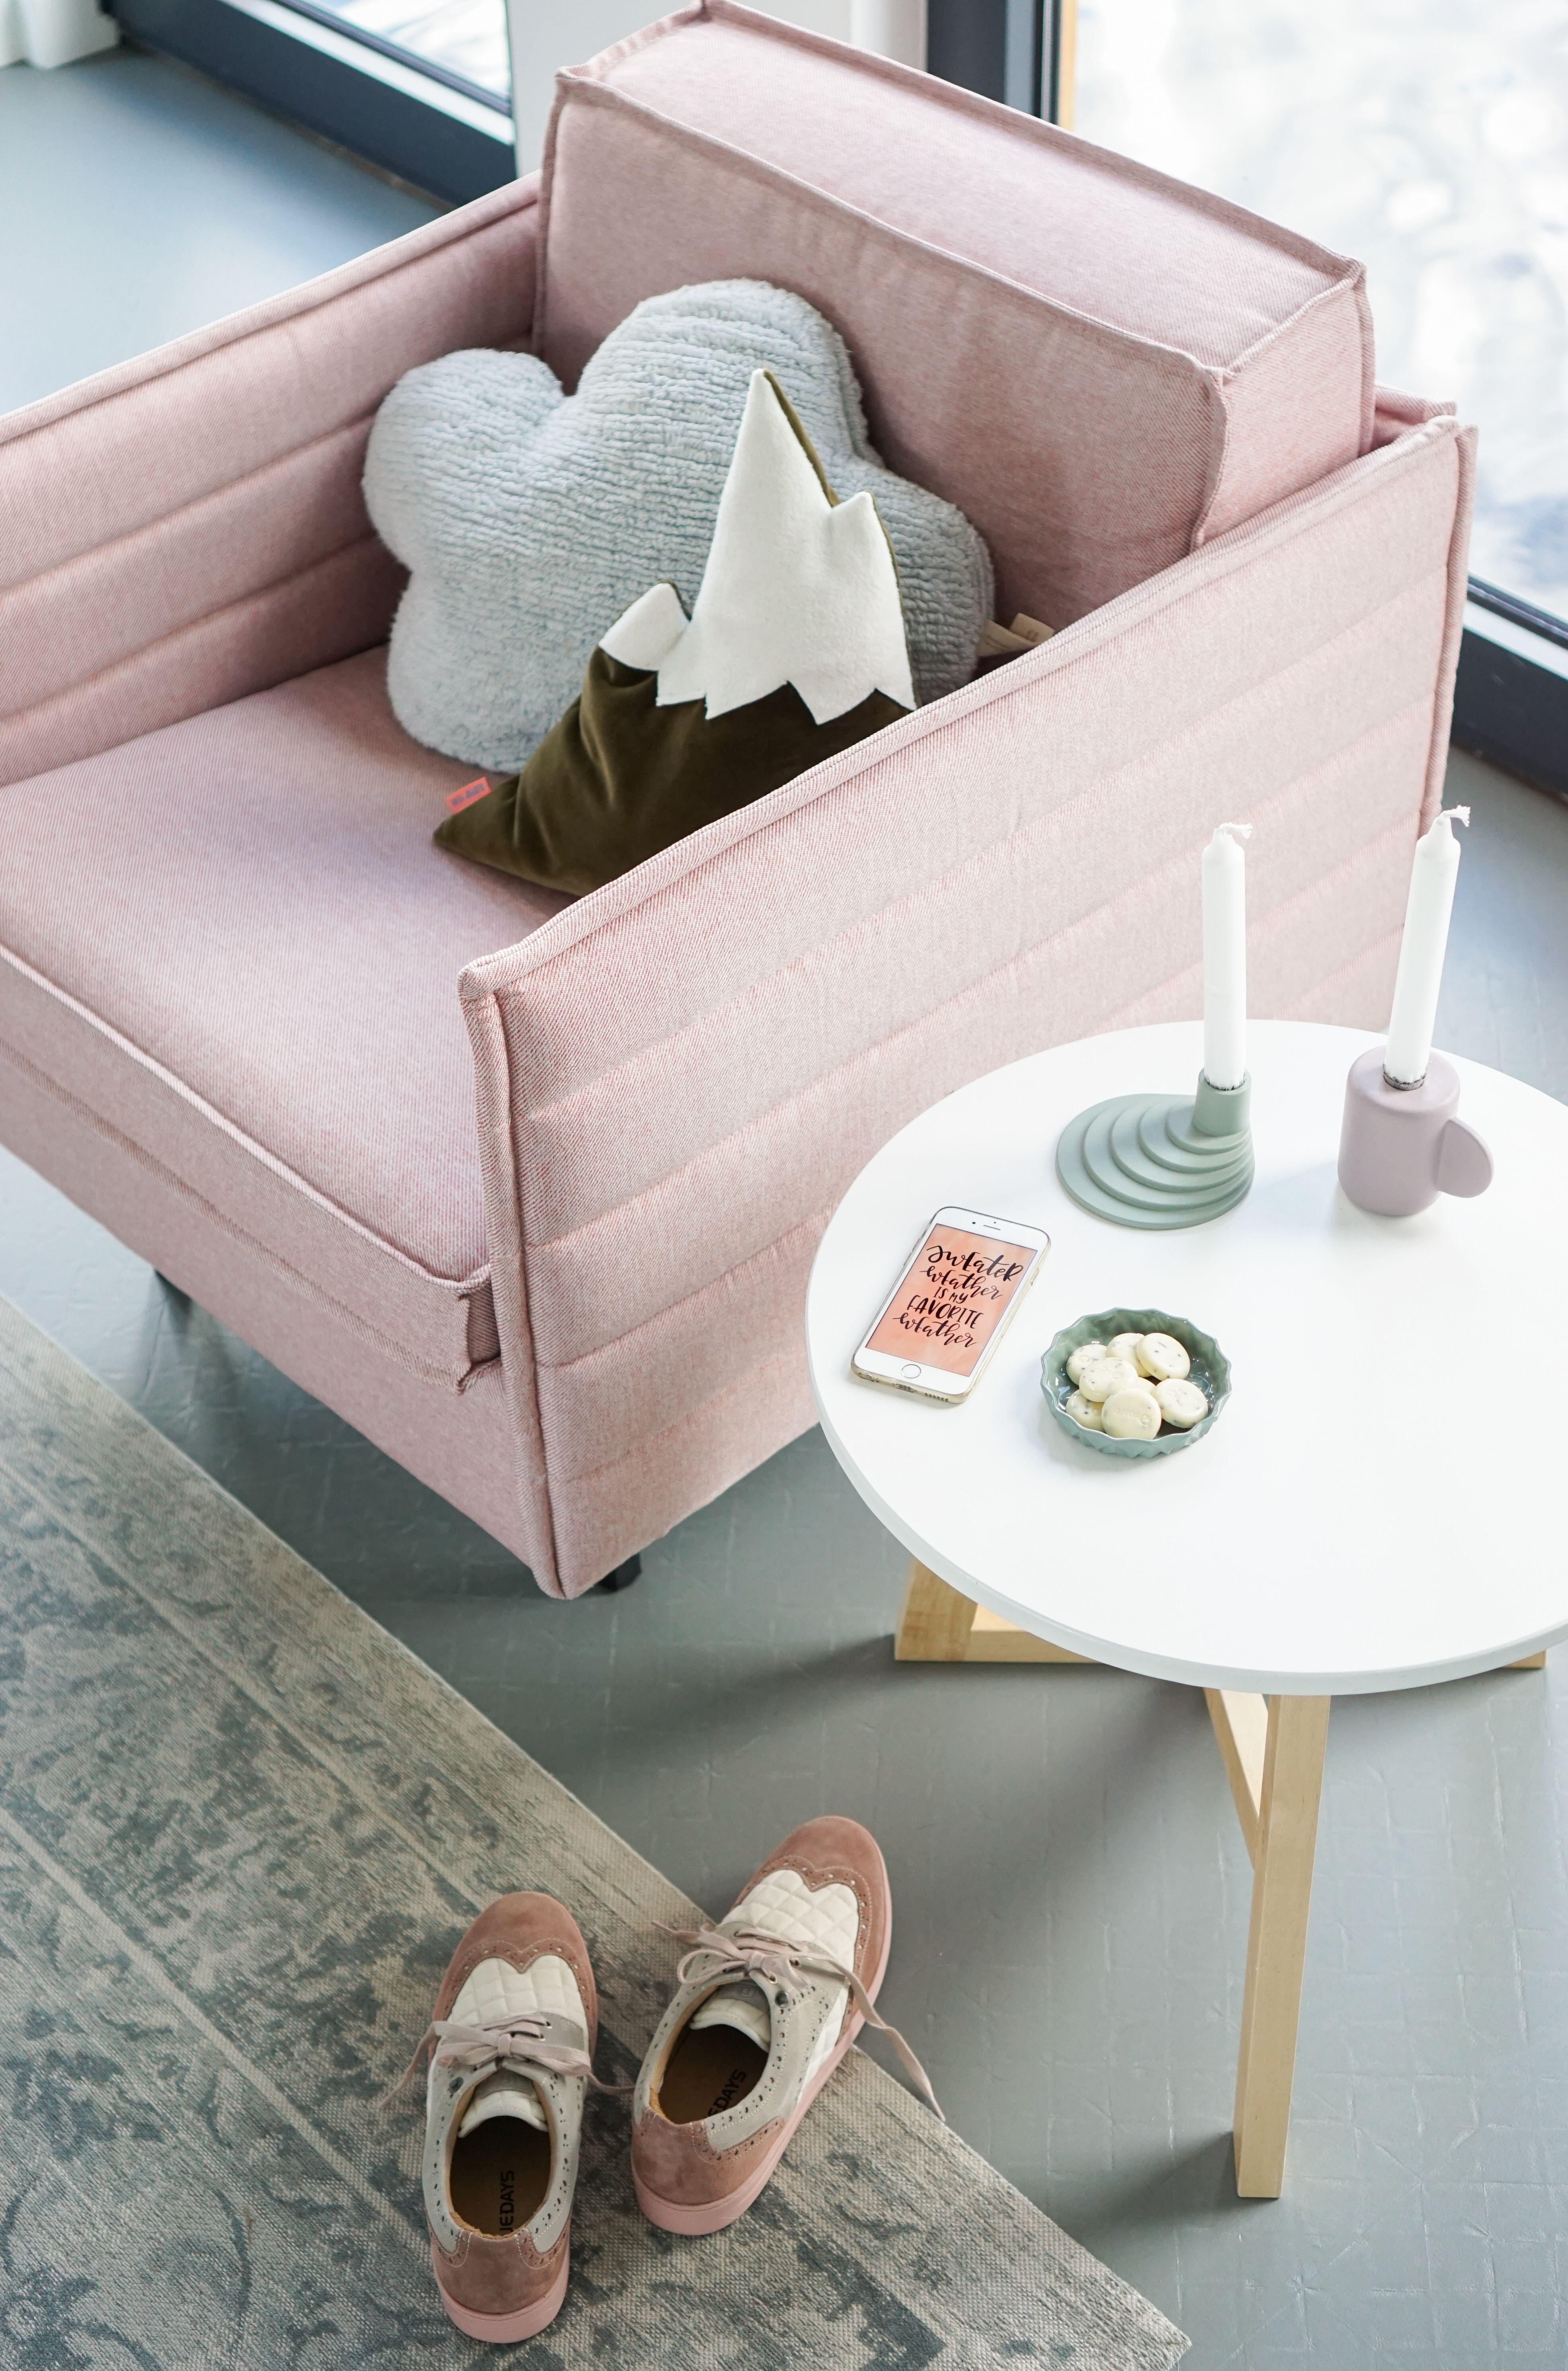 binnenkijker Annelies roze stoel